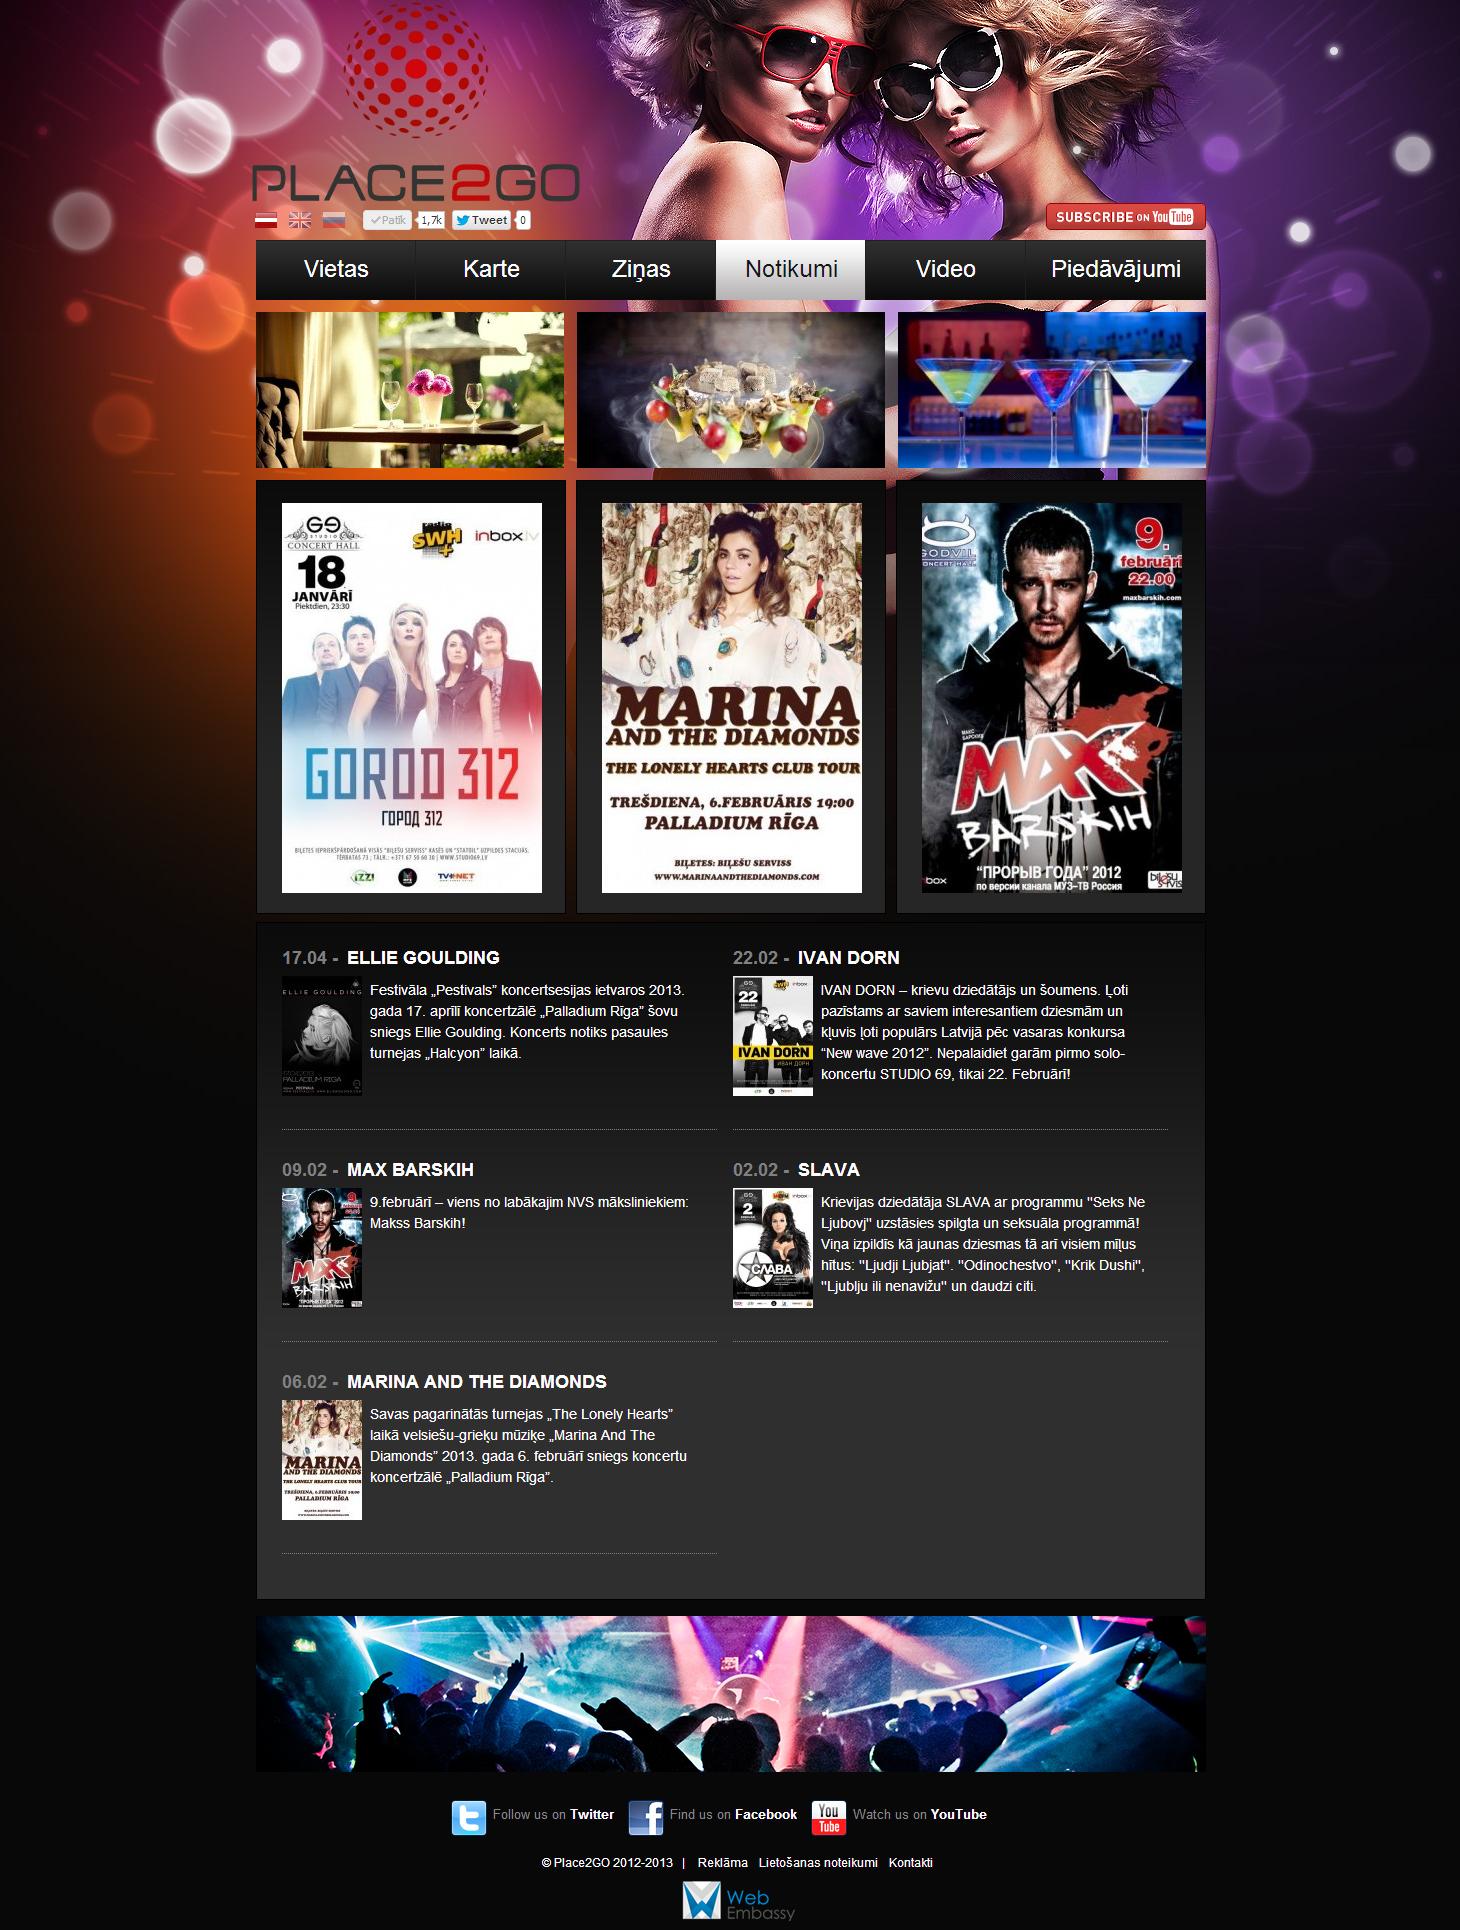 Создание интерактивного развлекательного веб-сайта для латвийской медиа компании PLACE2GO